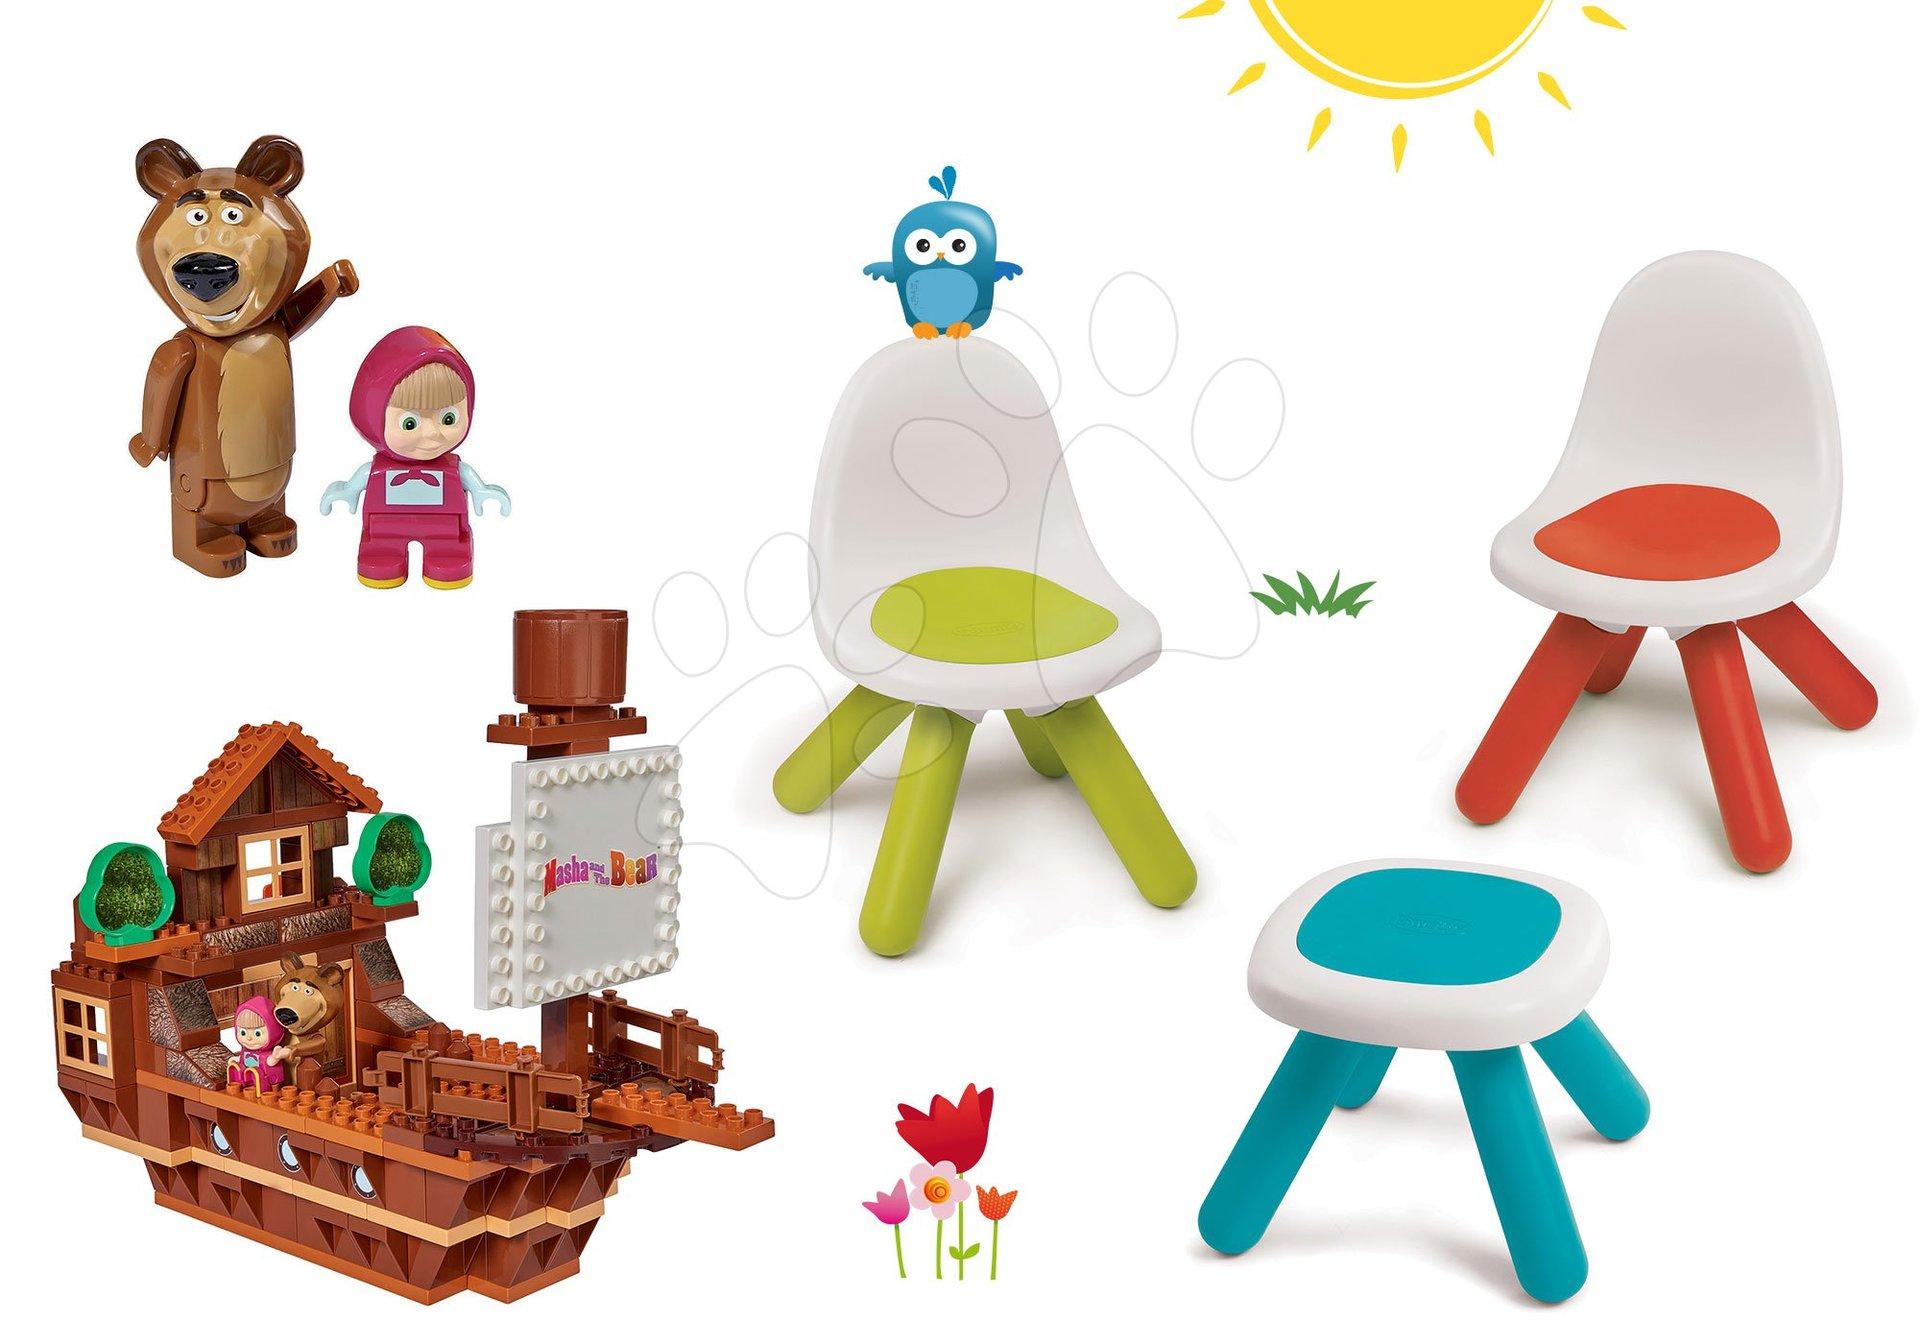 Smoby set Piknik stolík s dvoma stoličkami KidChair a stavebnica PlayBIG Bloxx Máša a medveď 880200A-13